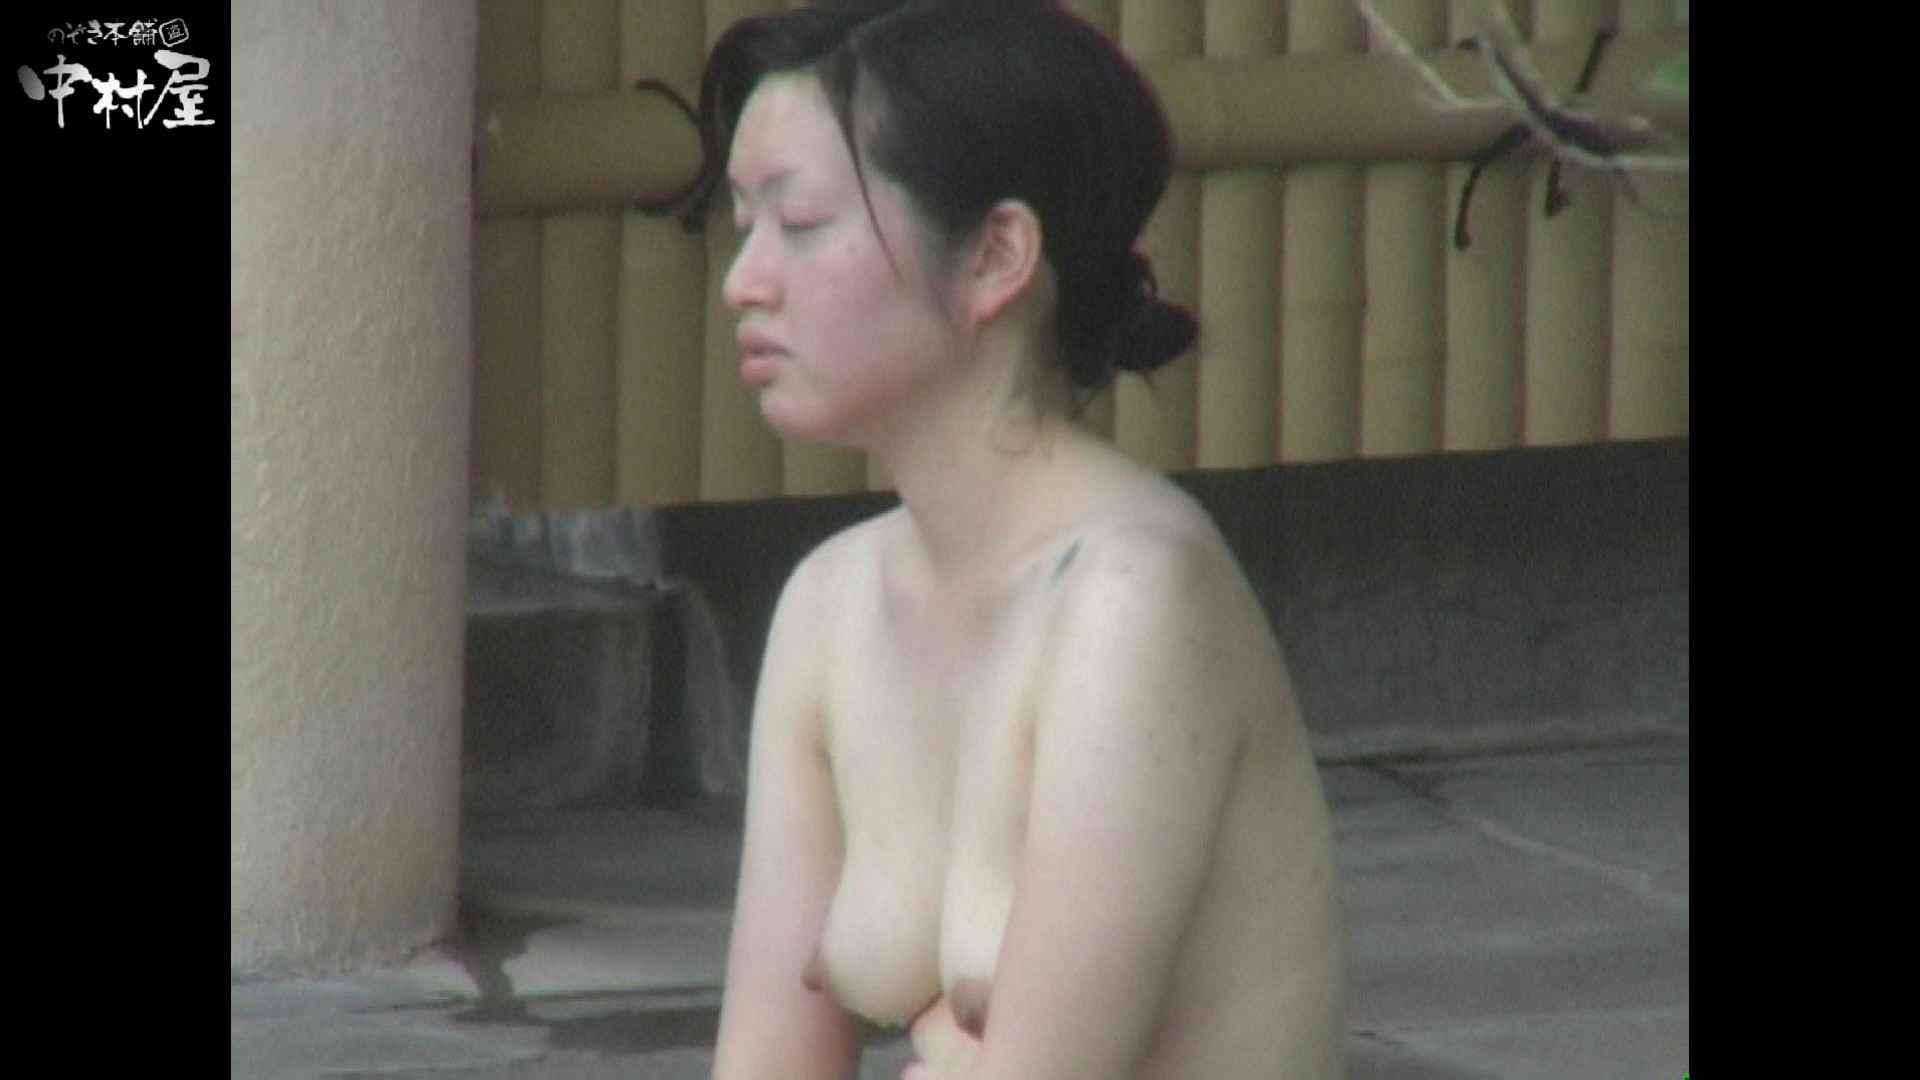 Aquaな露天風呂Vol.942 0   0  92pic 16